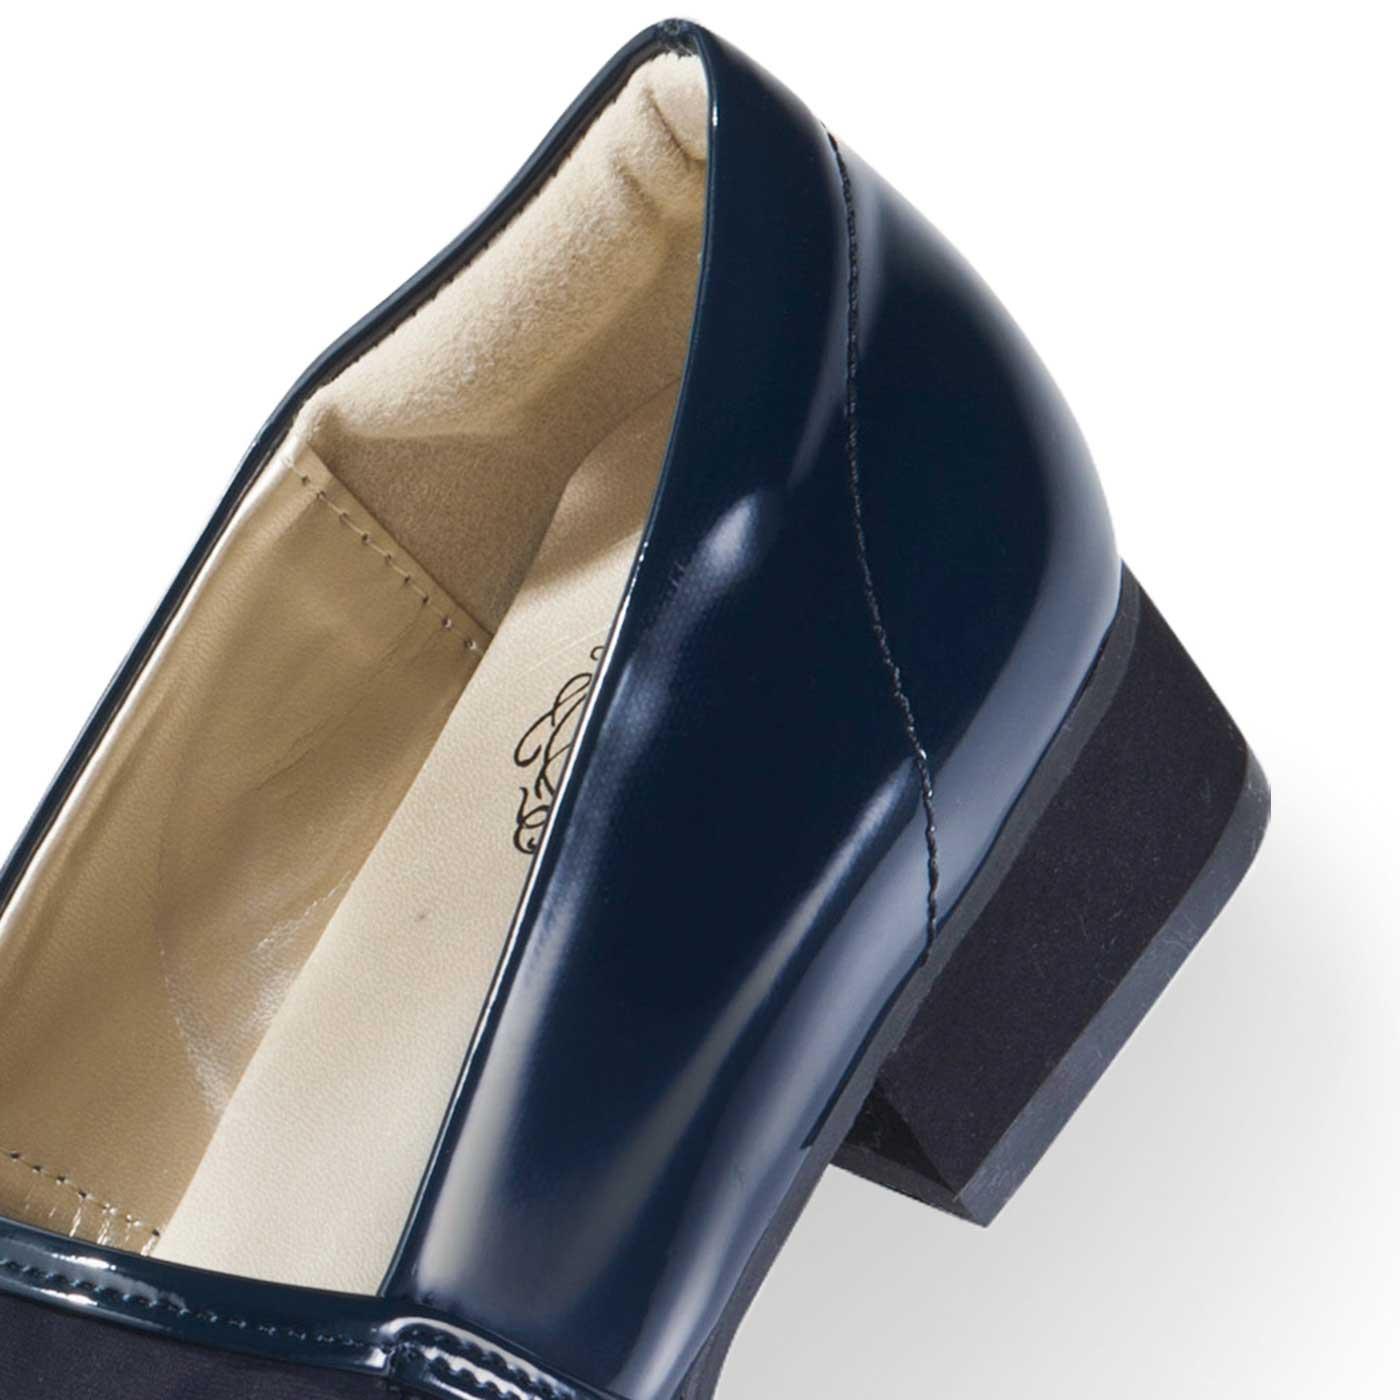 クッション付きで靴ずれをガード。安定感のある約3cmヒールで歩きやすく、スタイルアップ効果も。